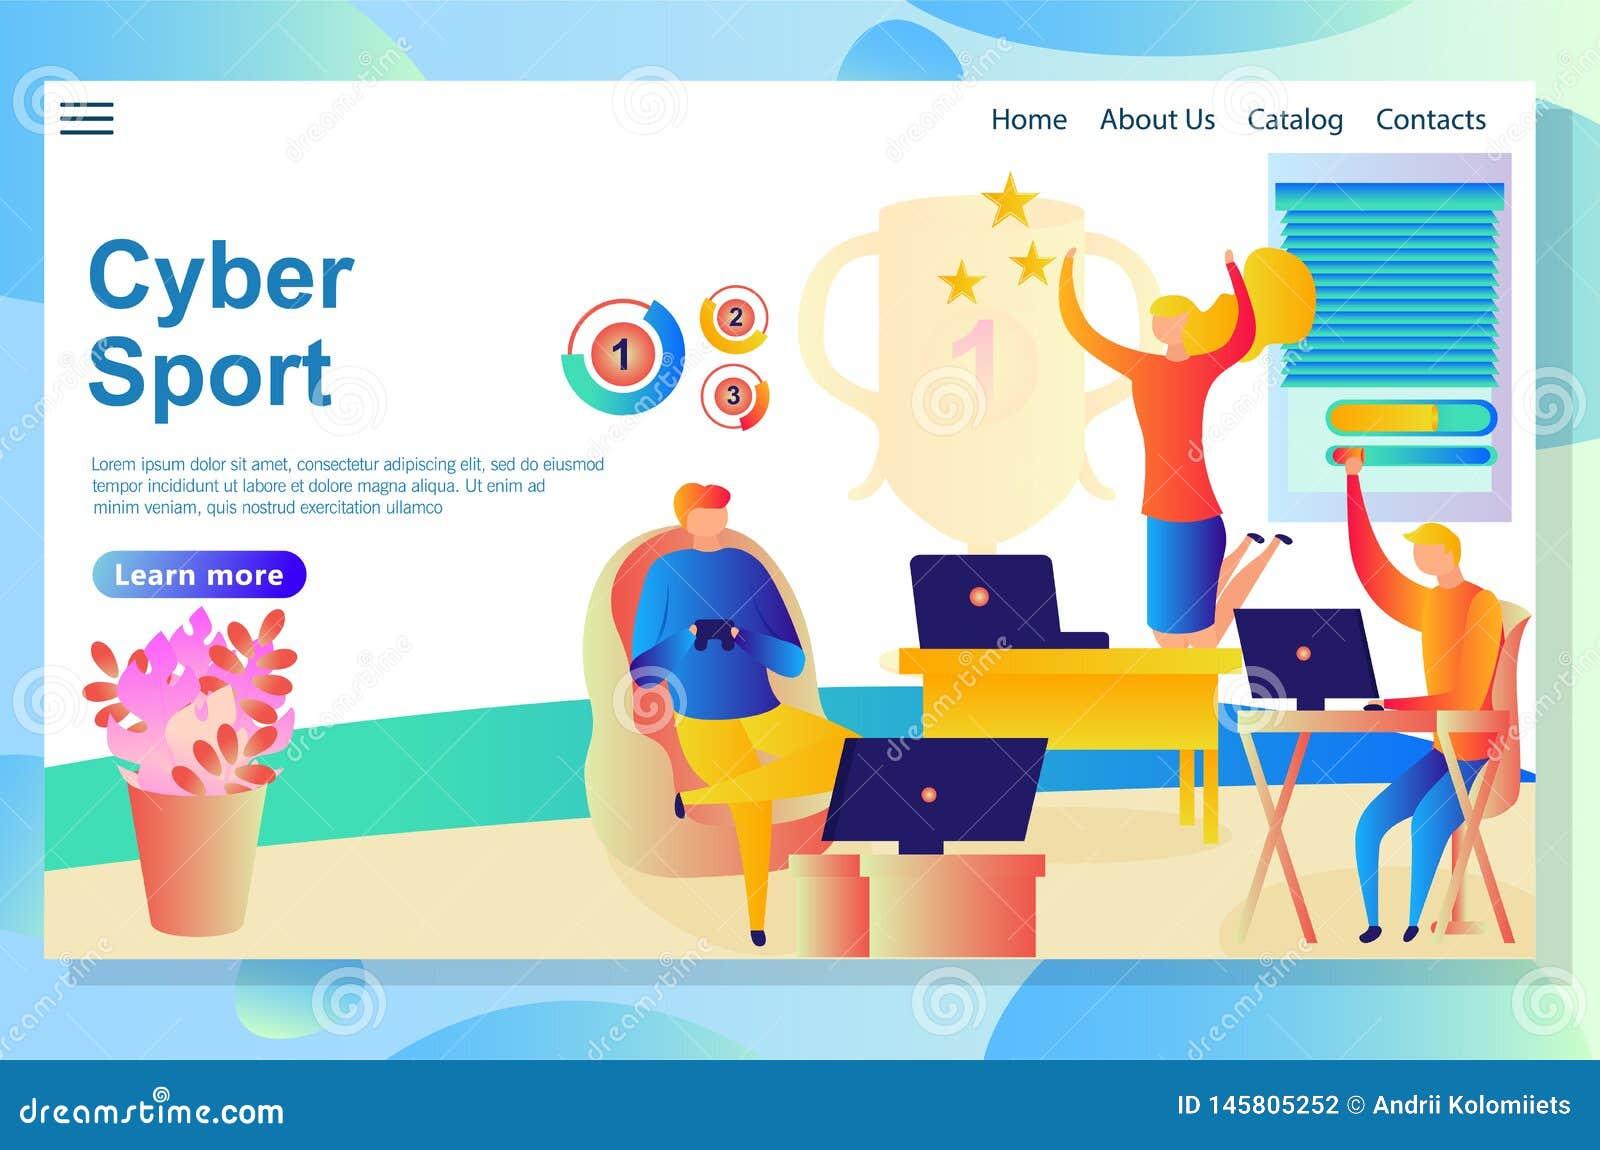 Websitepagina over cyberactiviteiten, mensen die en in sommige virtuele spelen concurreren winnen